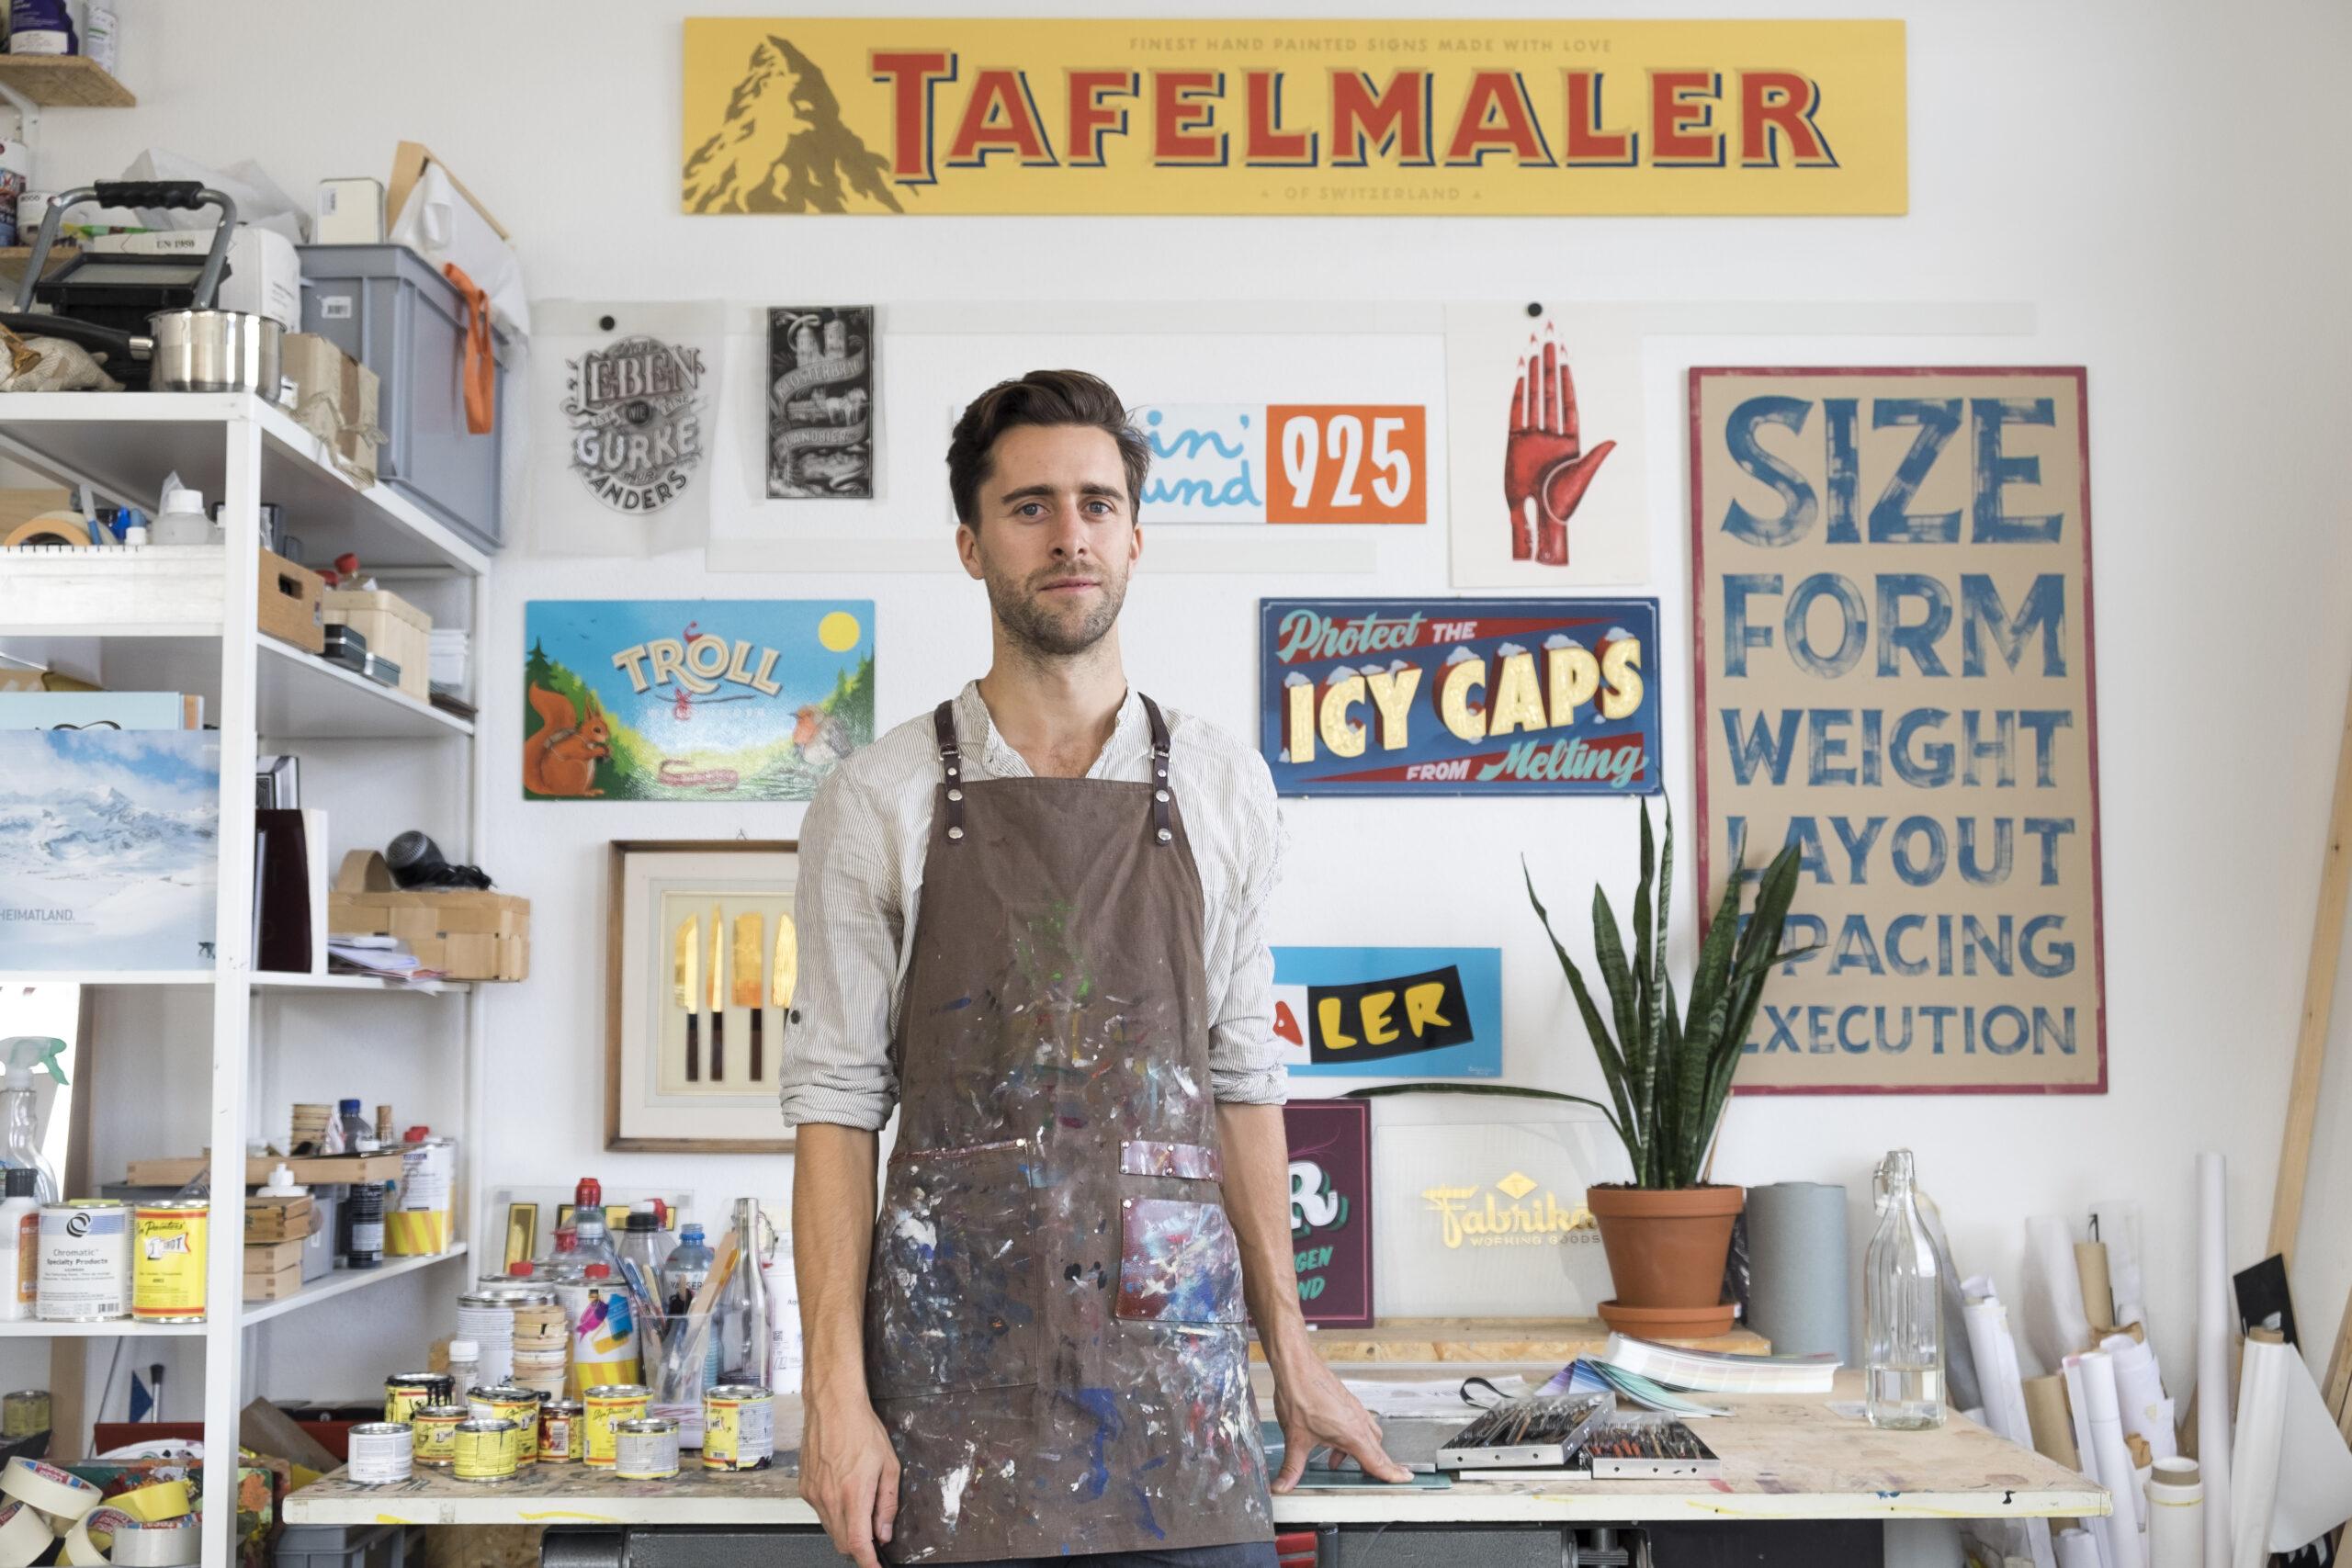 Der Tafelmaler Mathias Truniger in seinem Atelier in Zürich. Er ist ein traditioneller Schriftenmaler und Illustrator. Typografie, Design, Logo, Schriftgestalter, Schildermaler, sign painter, sign painting, hand lettering, mural, muralist, gold leaf, gilding, glass gilding, reverse glass gilding, Hinterglasvergoldung